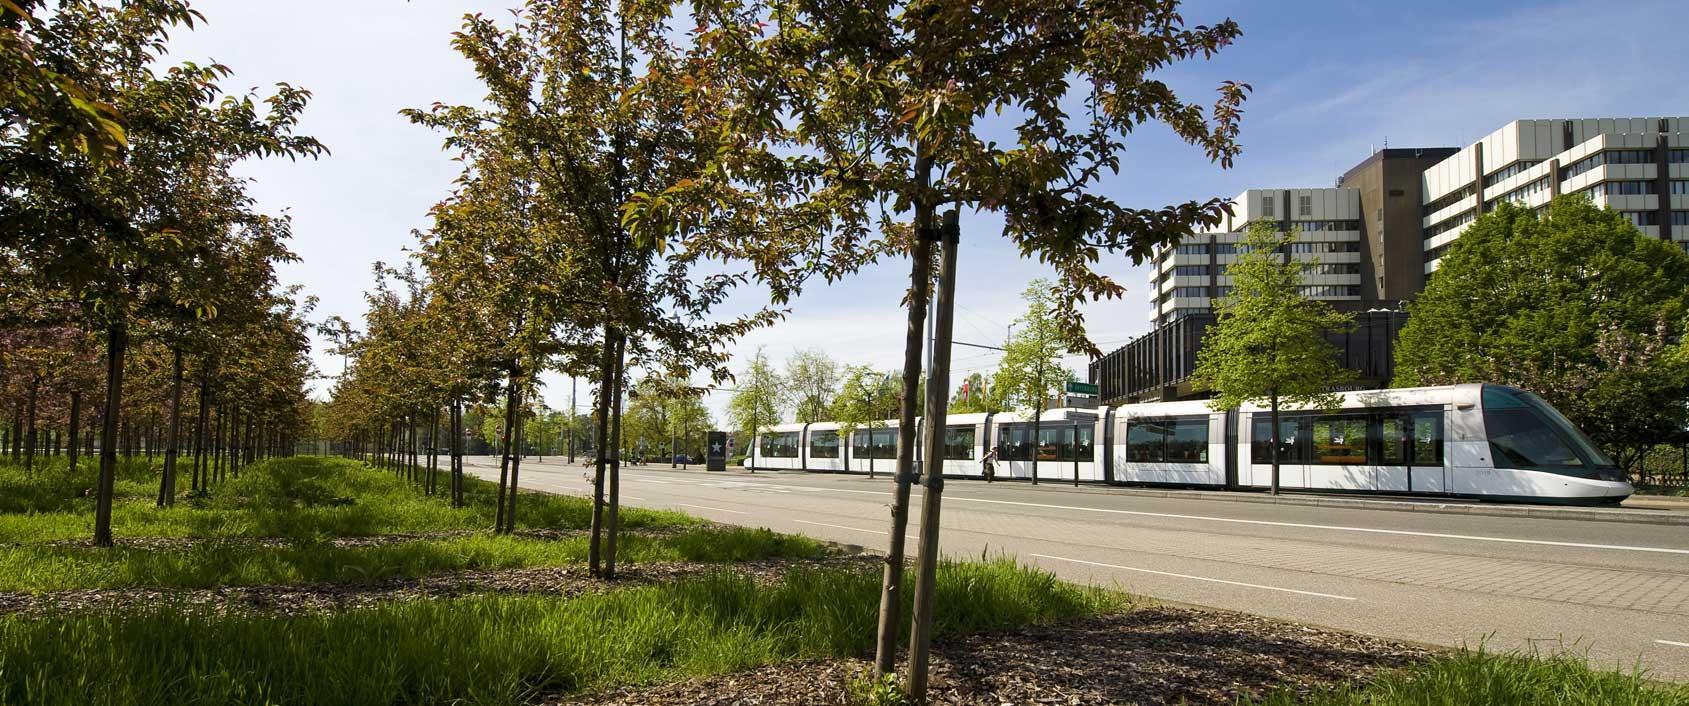 Scop espaces verts am nagement et entretien du paysage for Responsable des espaces verts